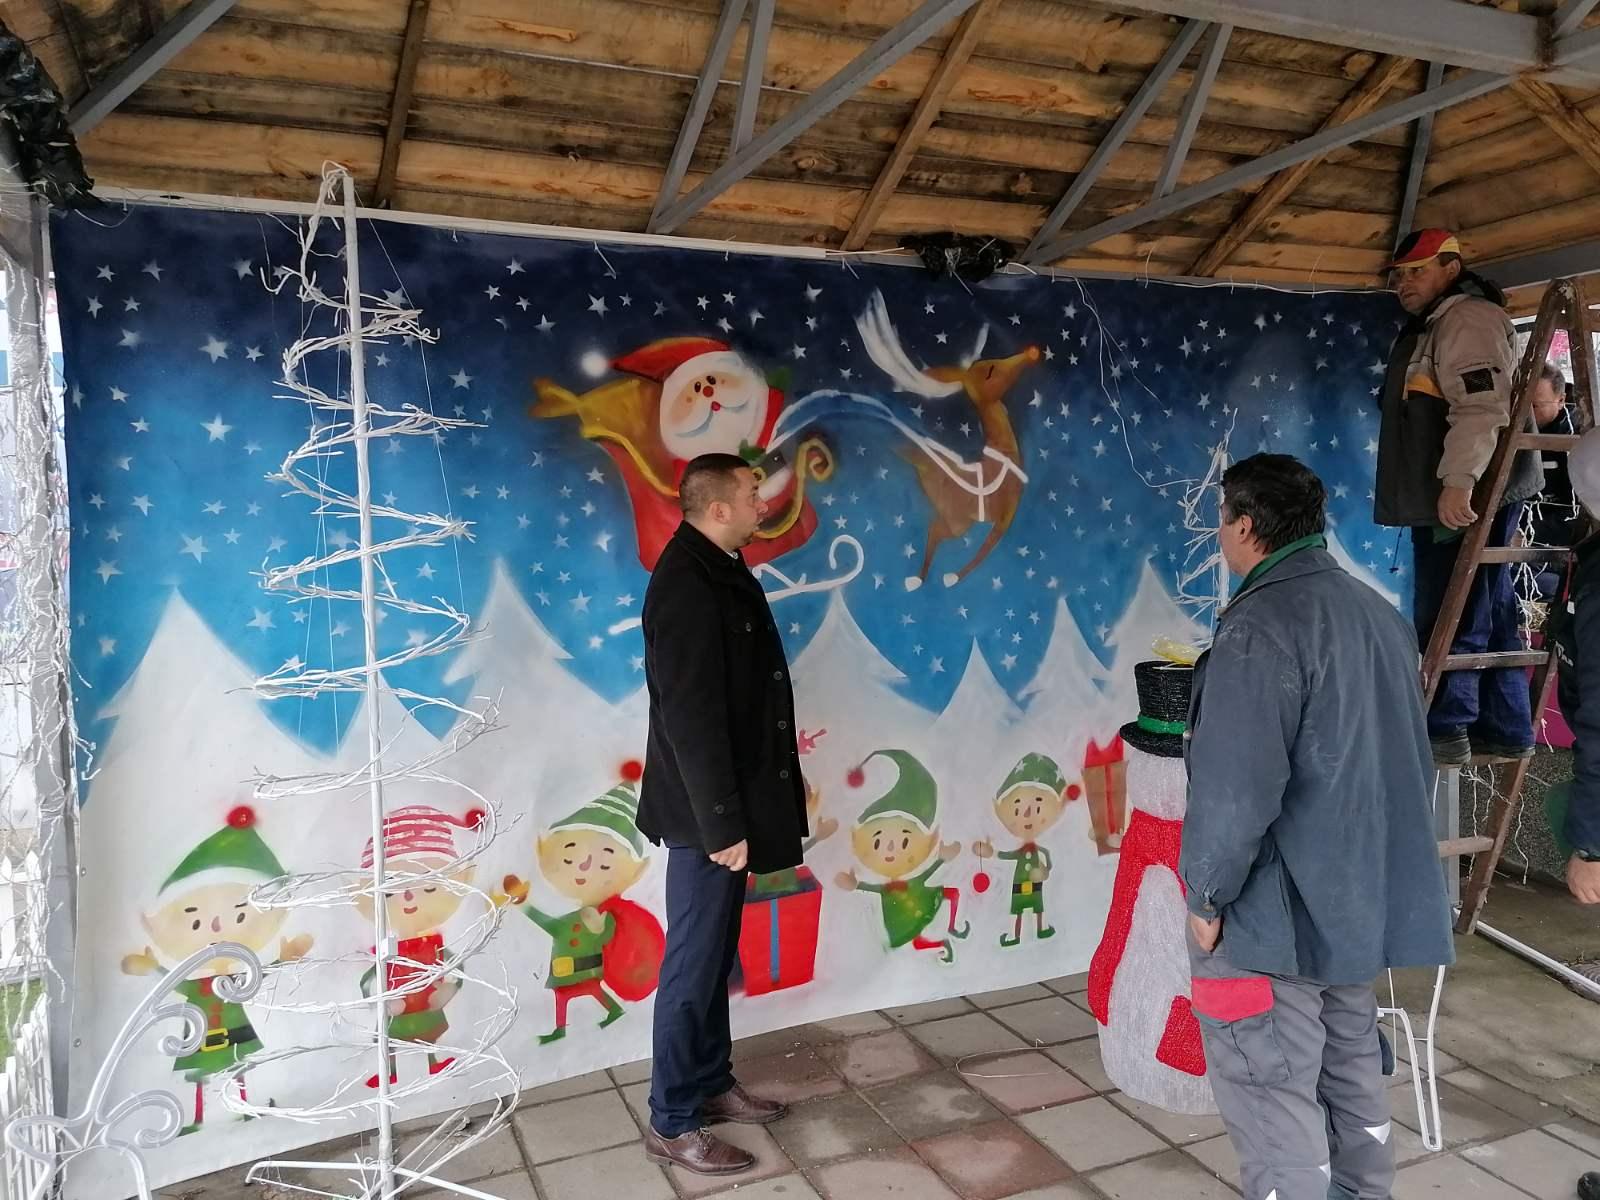 Platno sa novogodišnjim motivima, foto: M. Stevanović